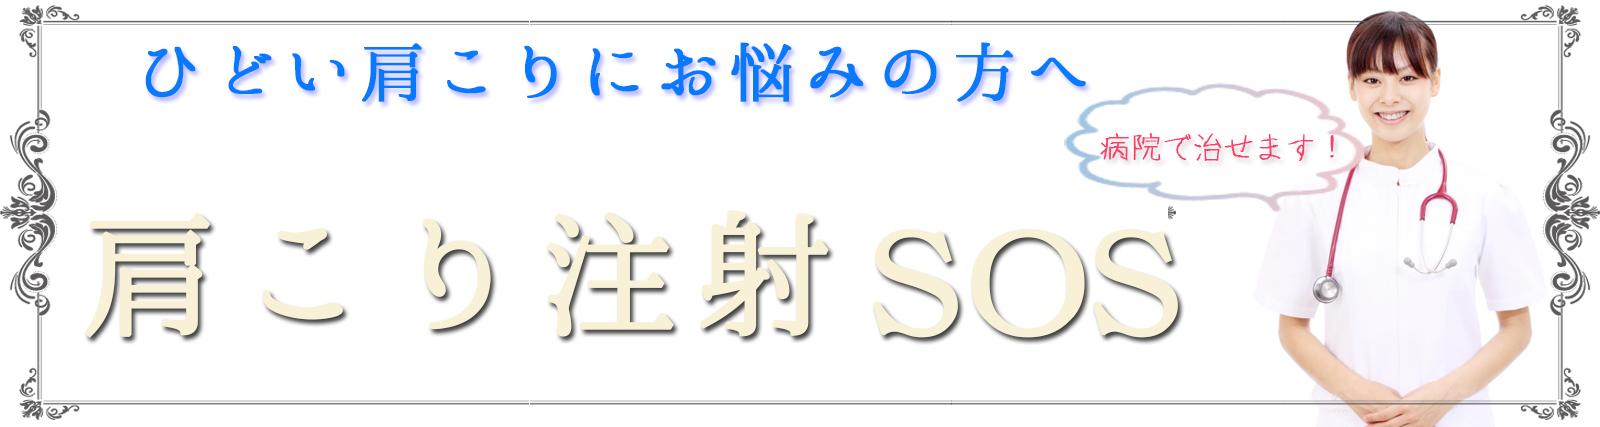 肩こり注射SOS!ボトックスの効果と副作用